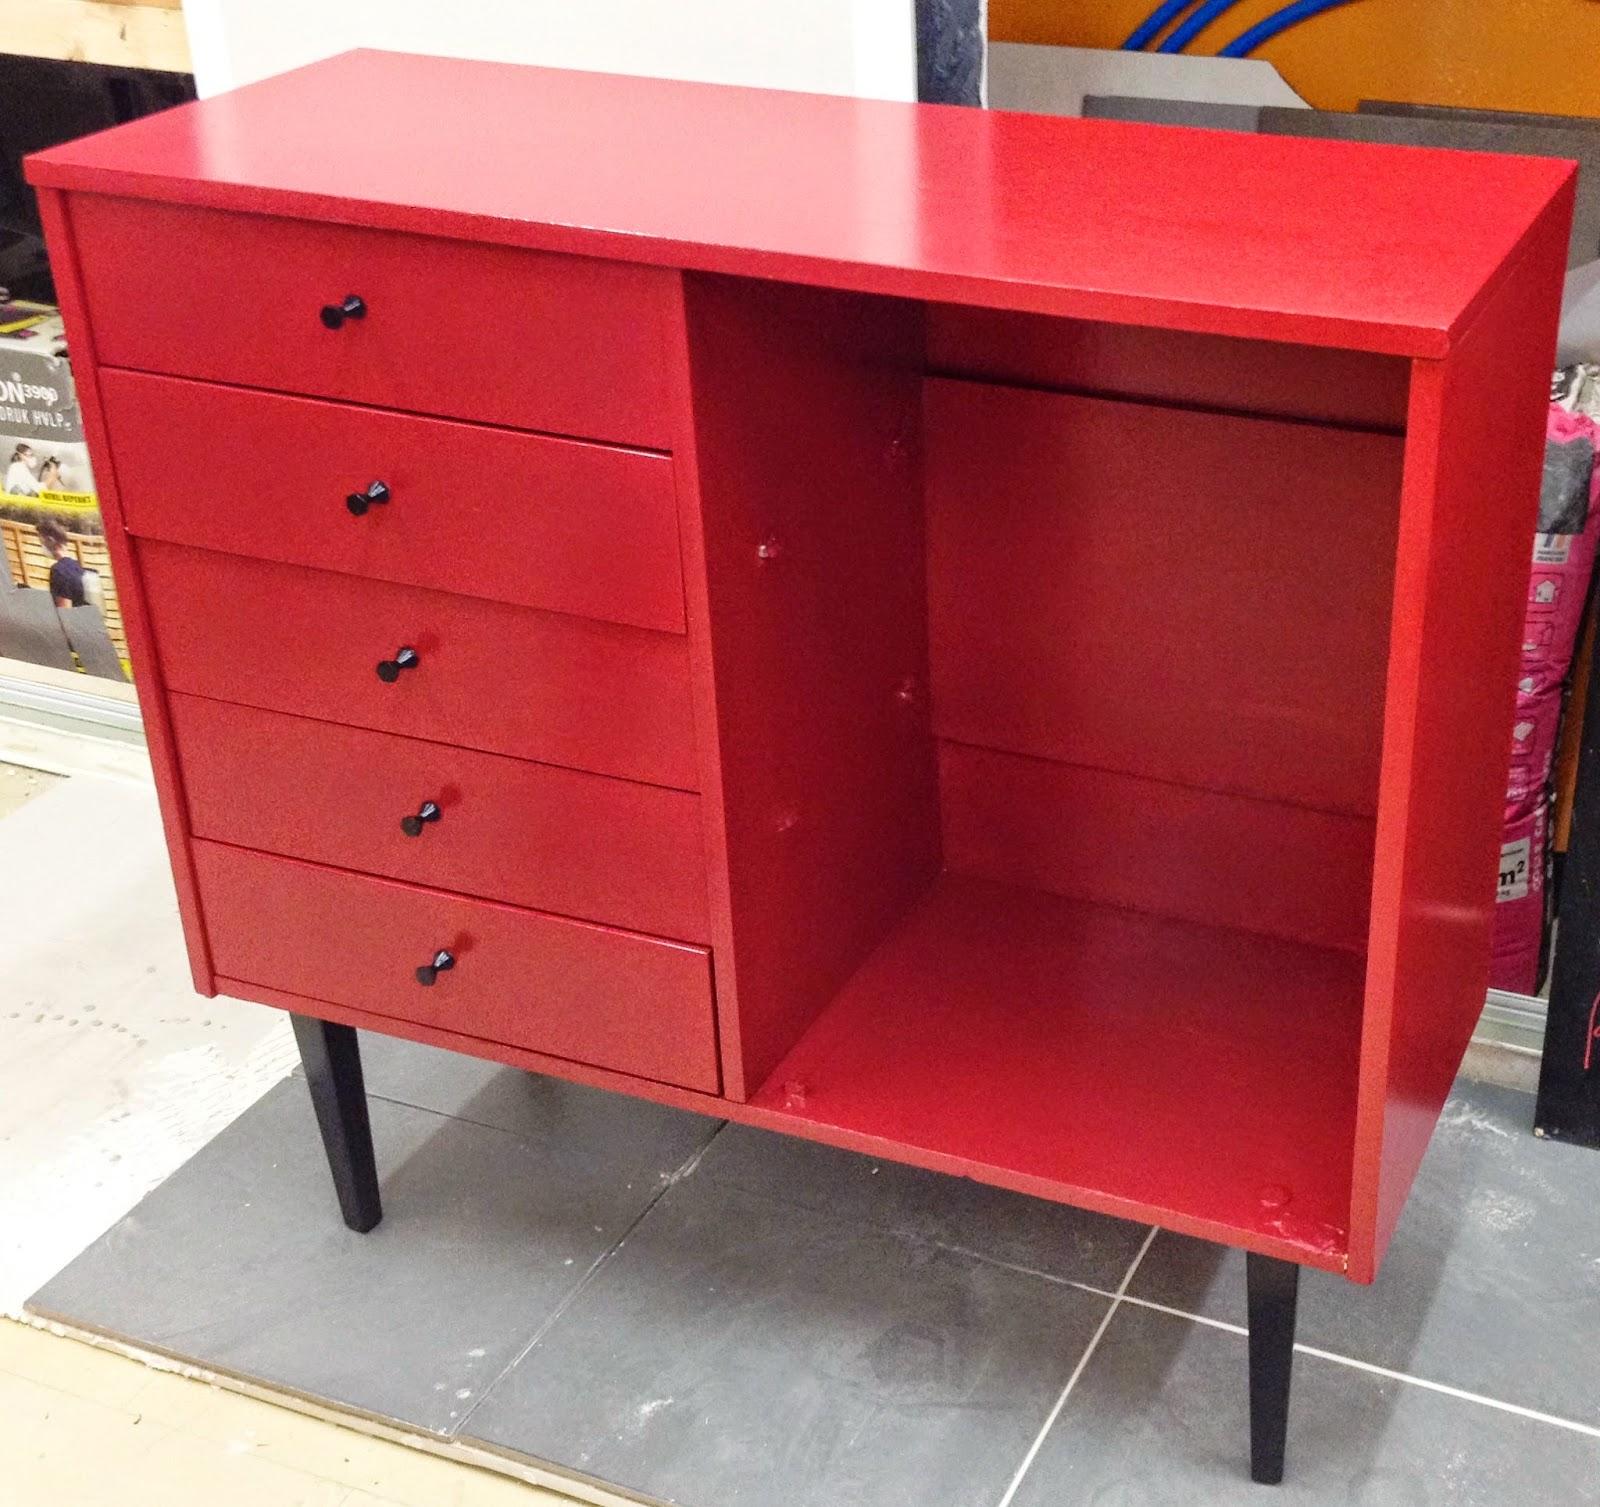 peinture sur meuble en rouge et noir cours de. Black Bedroom Furniture Sets. Home Design Ideas